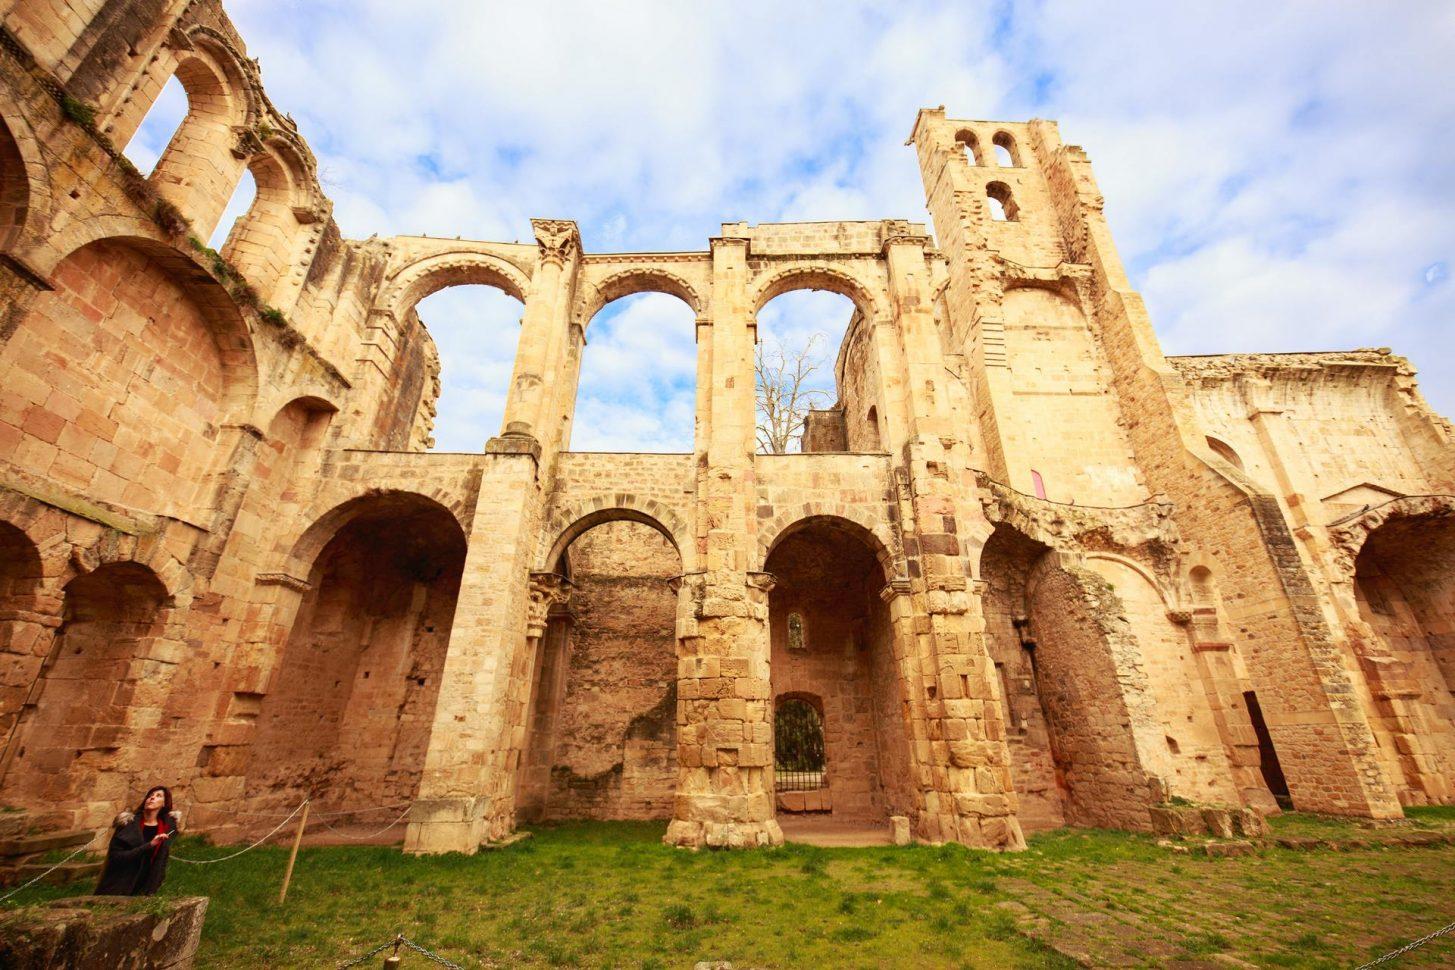 Découverte de l'Abbaye d'Alet Les Bains ©Vincent Photographie